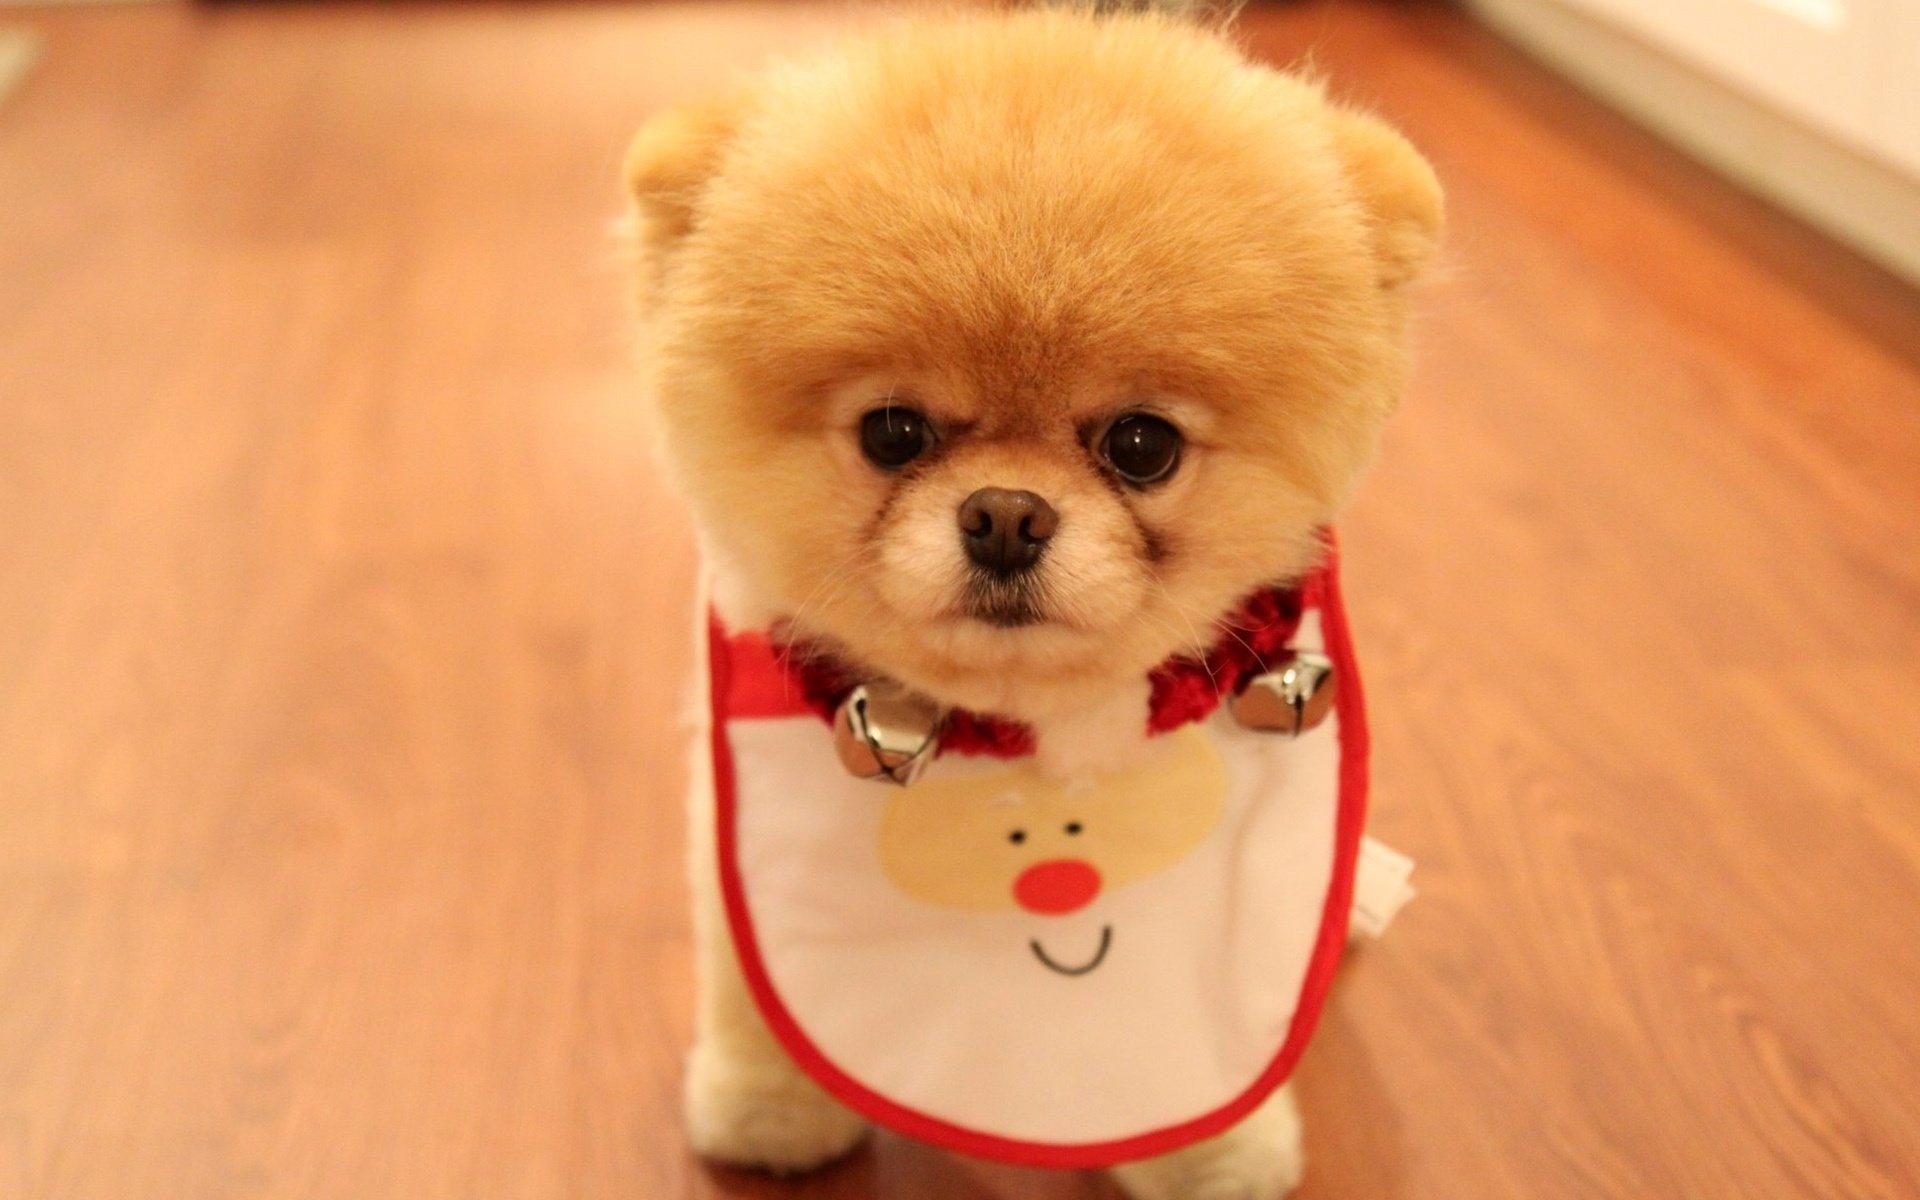 面 犬 ポメラニアン 可愛い 子犬 哺乳類 脊椎動物 哺乳類のような犬 犬の品種